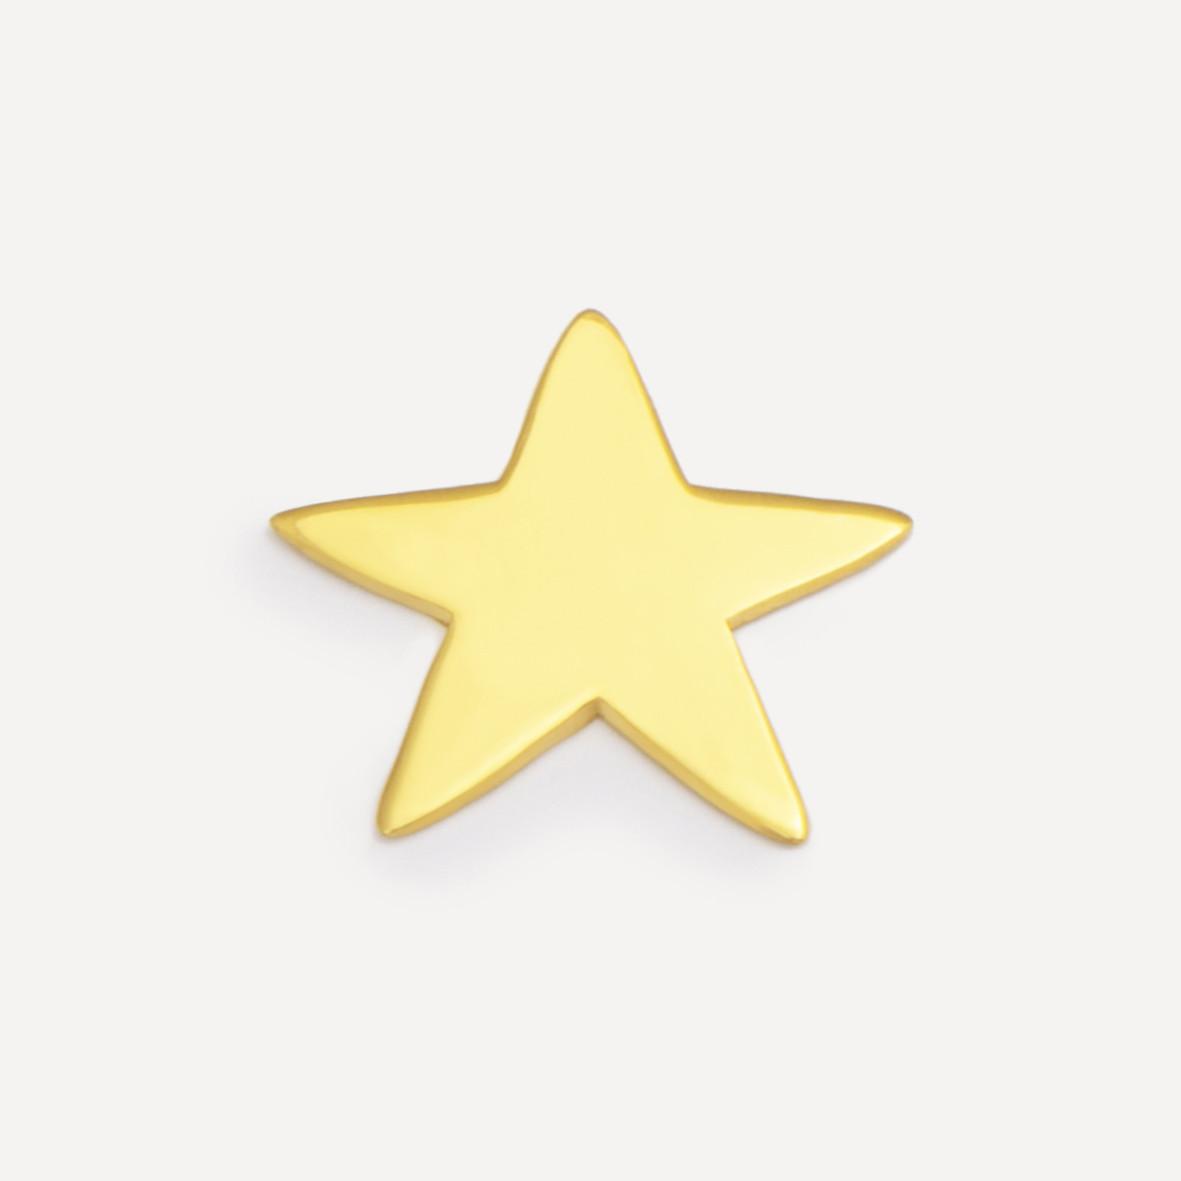 Gwiazda (8 dni roboczych)